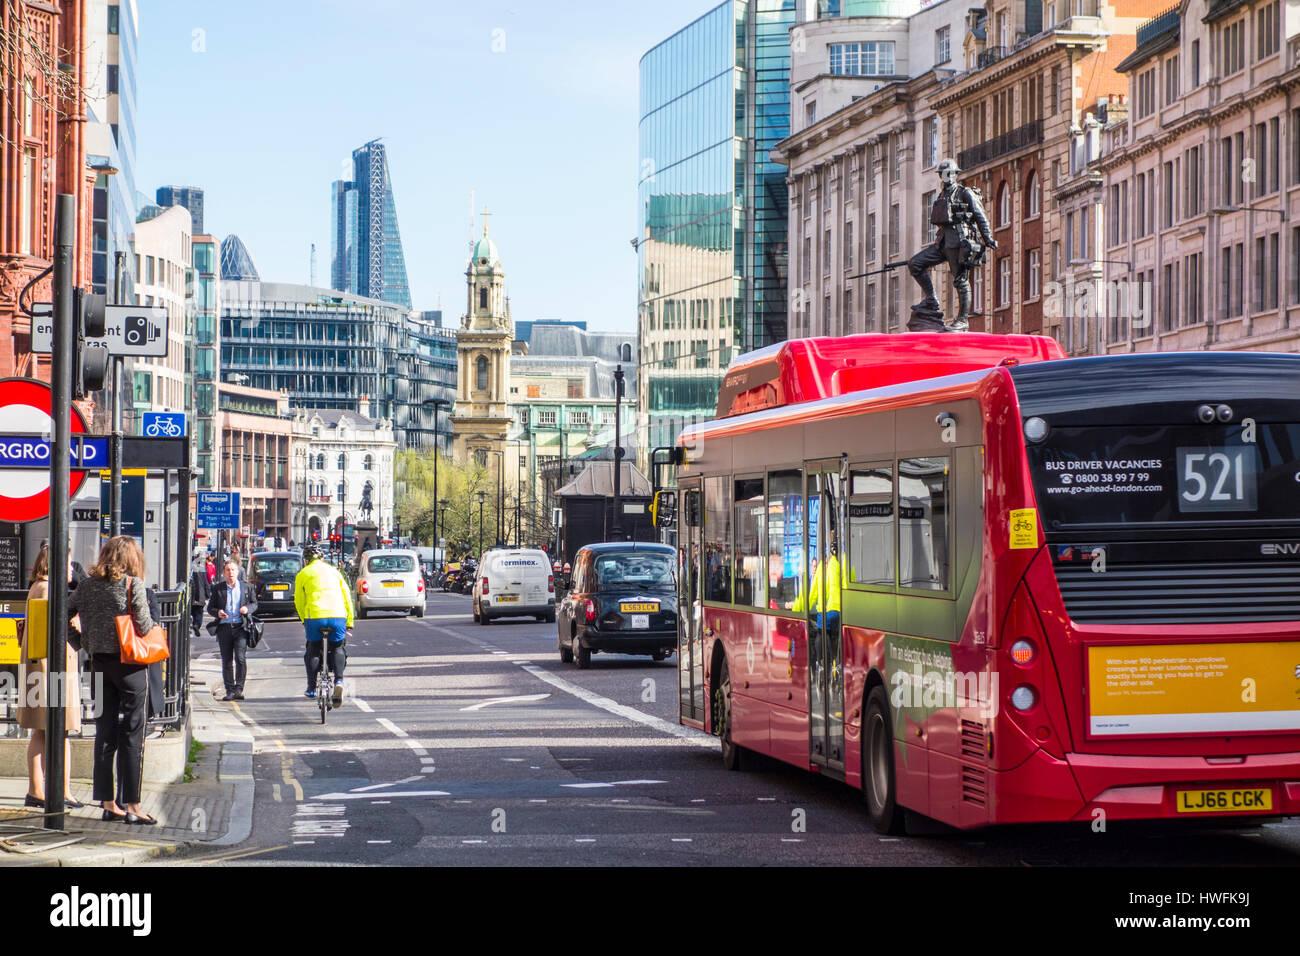 Rue d'un autobus et taxi en circulation sur holborn avec ville de toits de Londres, Royaume-Uni. Photo Stock